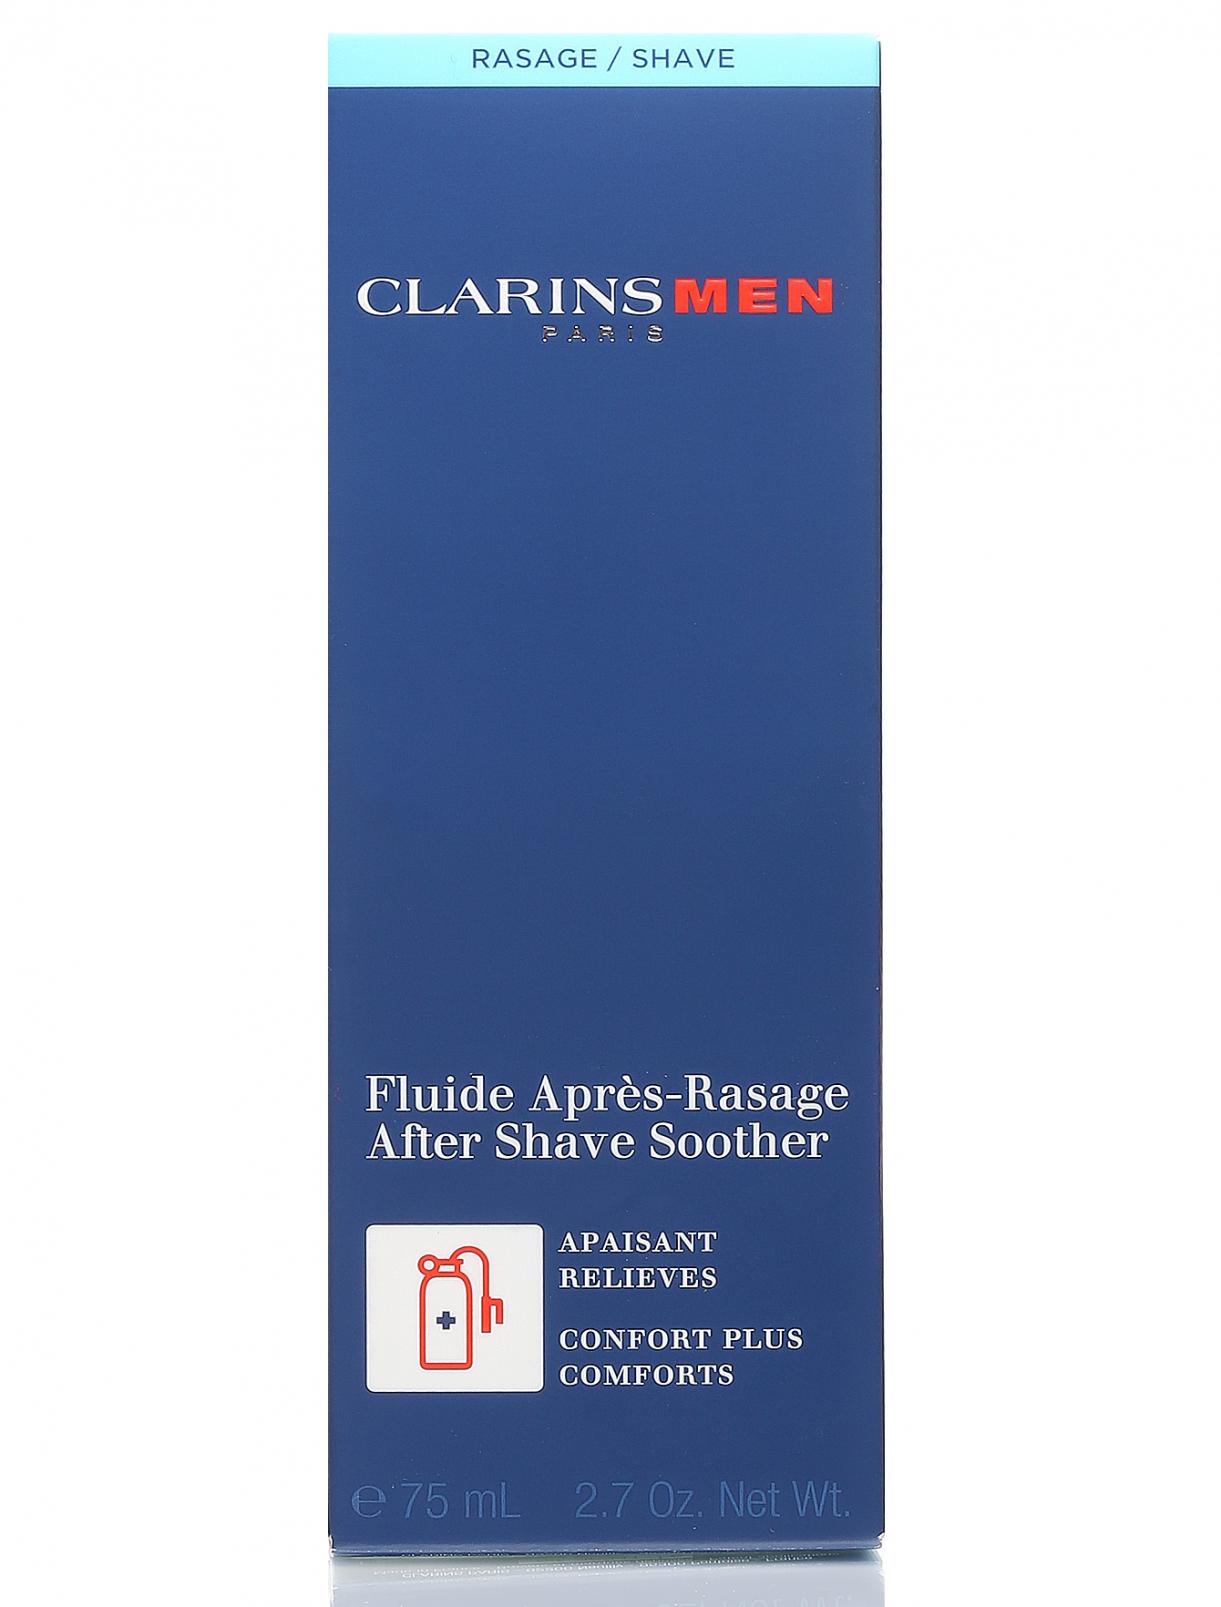 Крем после бритья - For Men, 75ml Clarins  –  Модель Общий вид